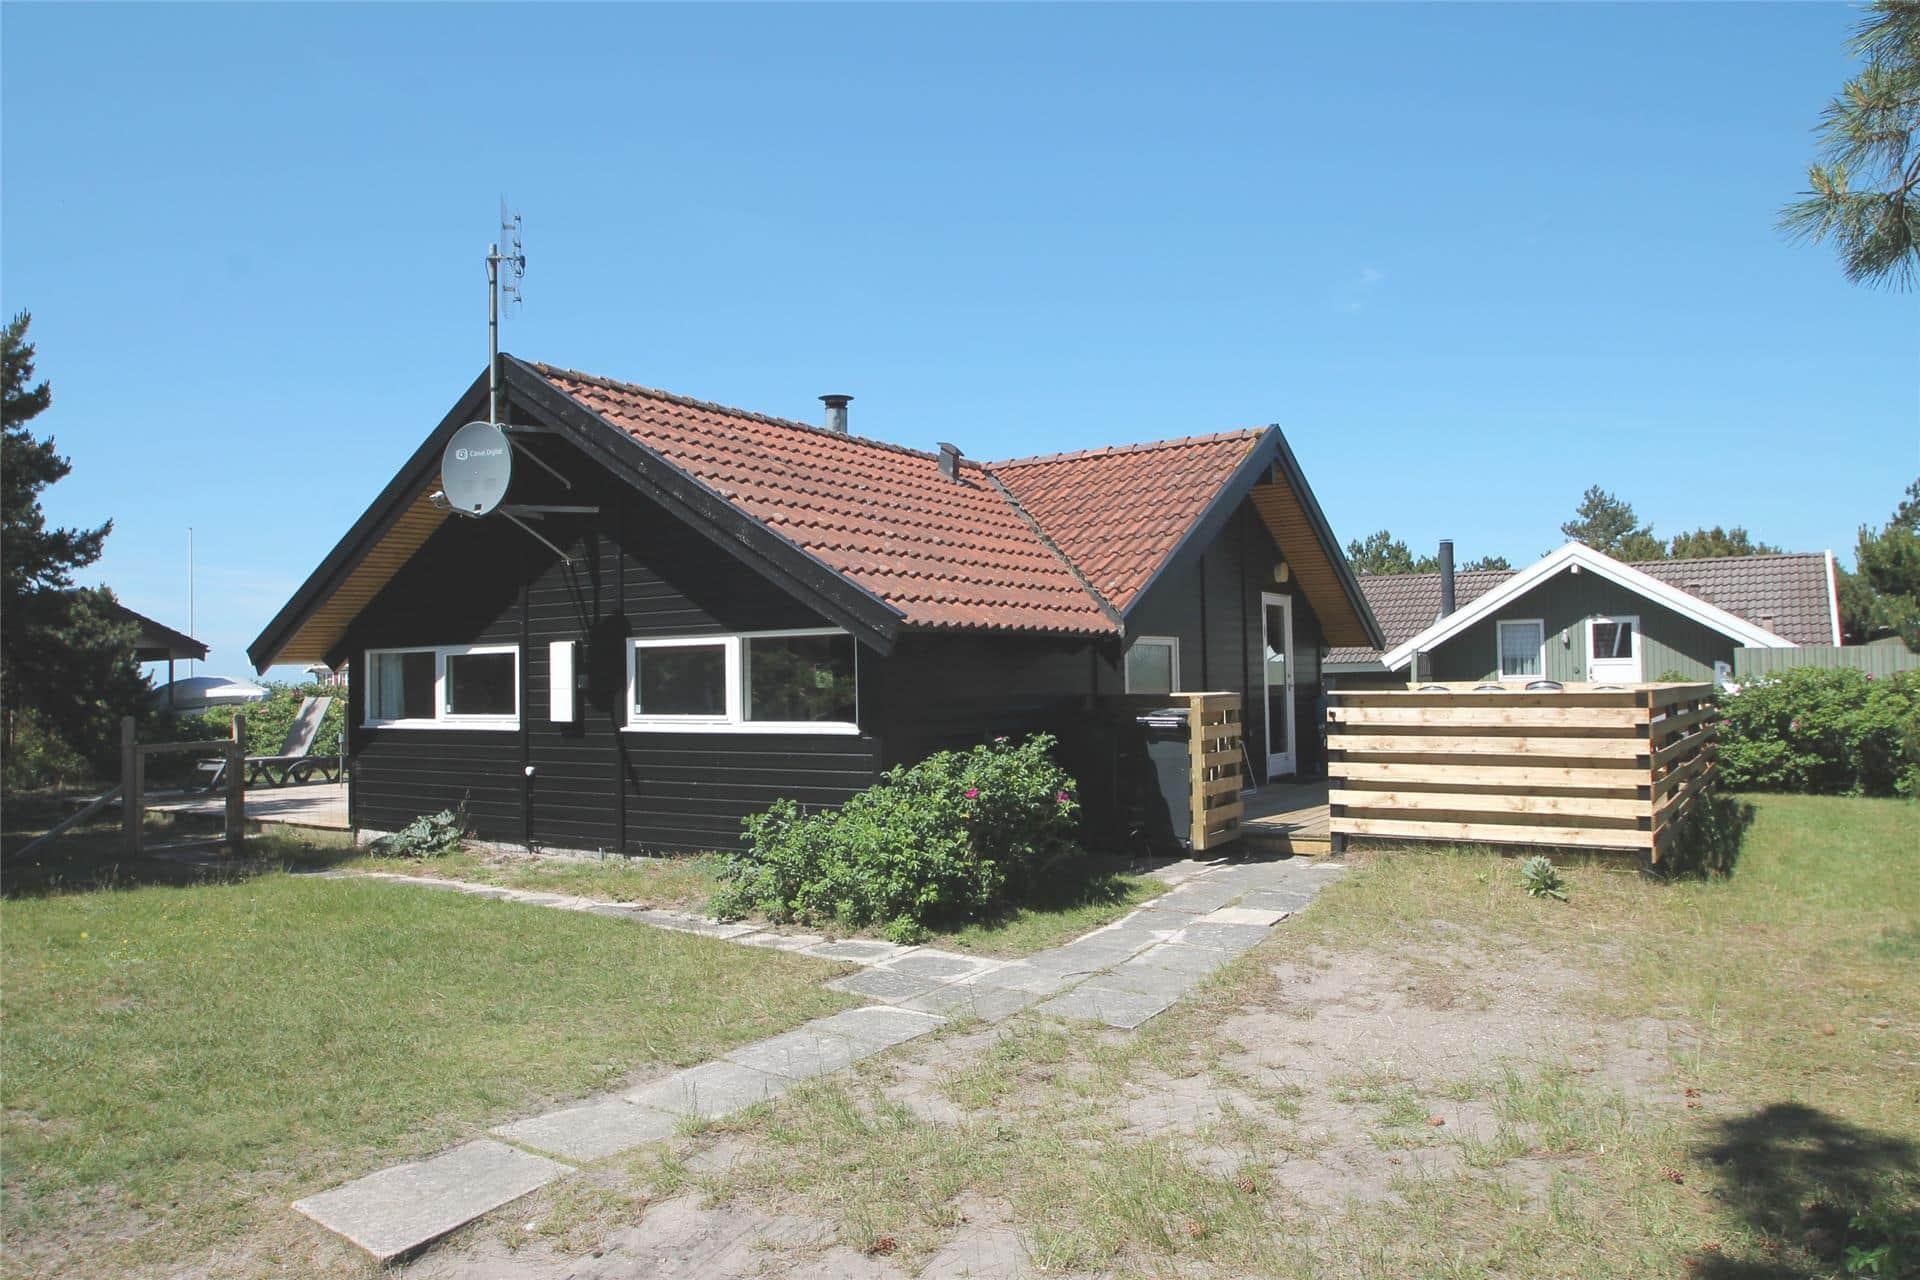 Billede 1-26 Sommerhus SL117, Egebækvej 6, DK - 4200 Slagelse